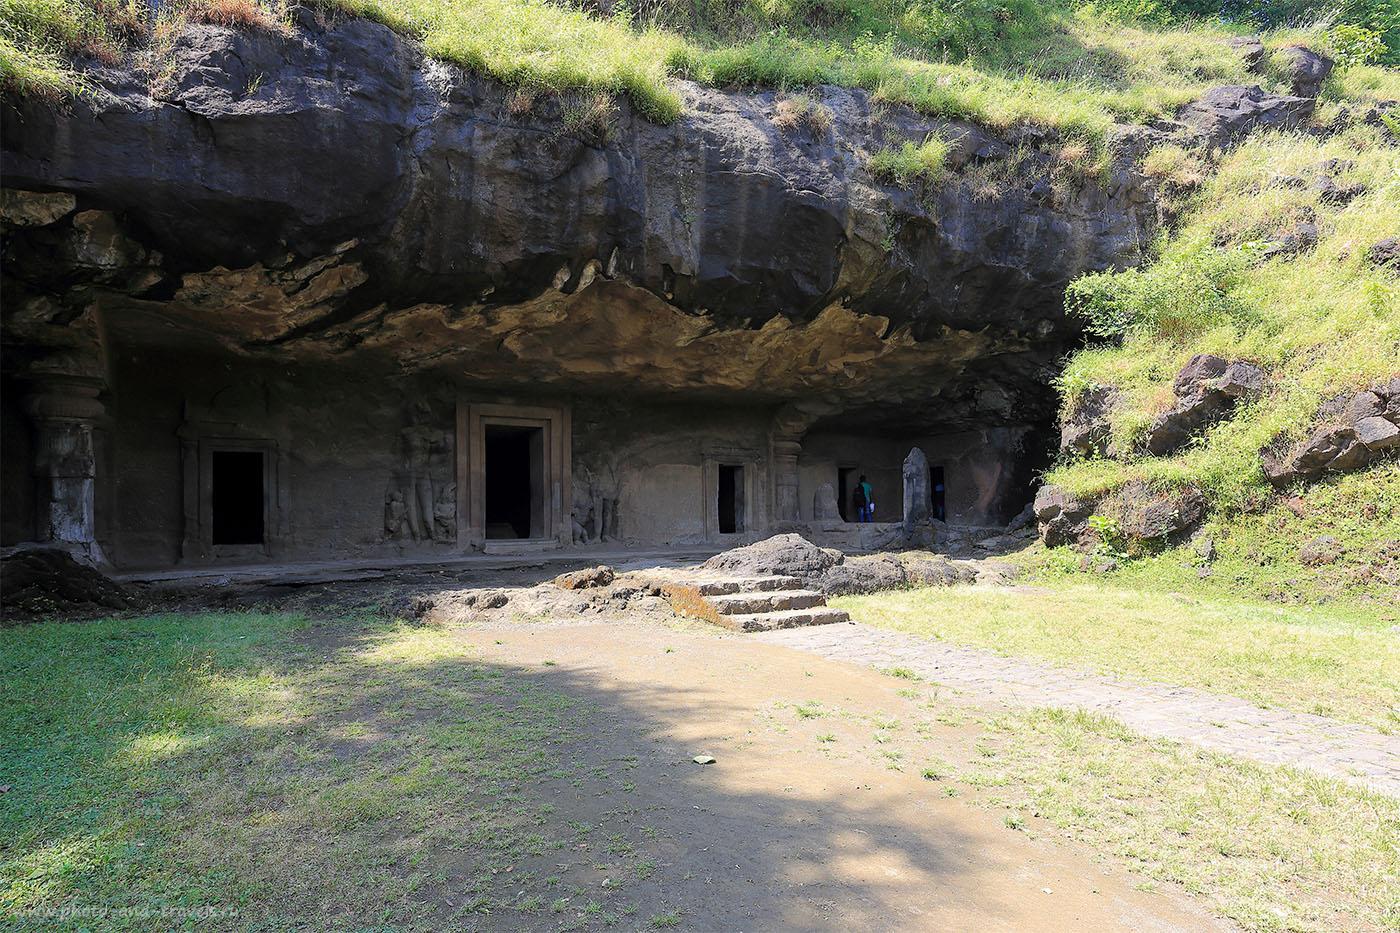 19. Пещера с восточной стороны. Отзыв о поездке на остров Элефанта в Мумбаи. Путешествие по Индии самостоятельно. (17-40, 1/30, 0eV, f9, 17 mm, ISO 100)